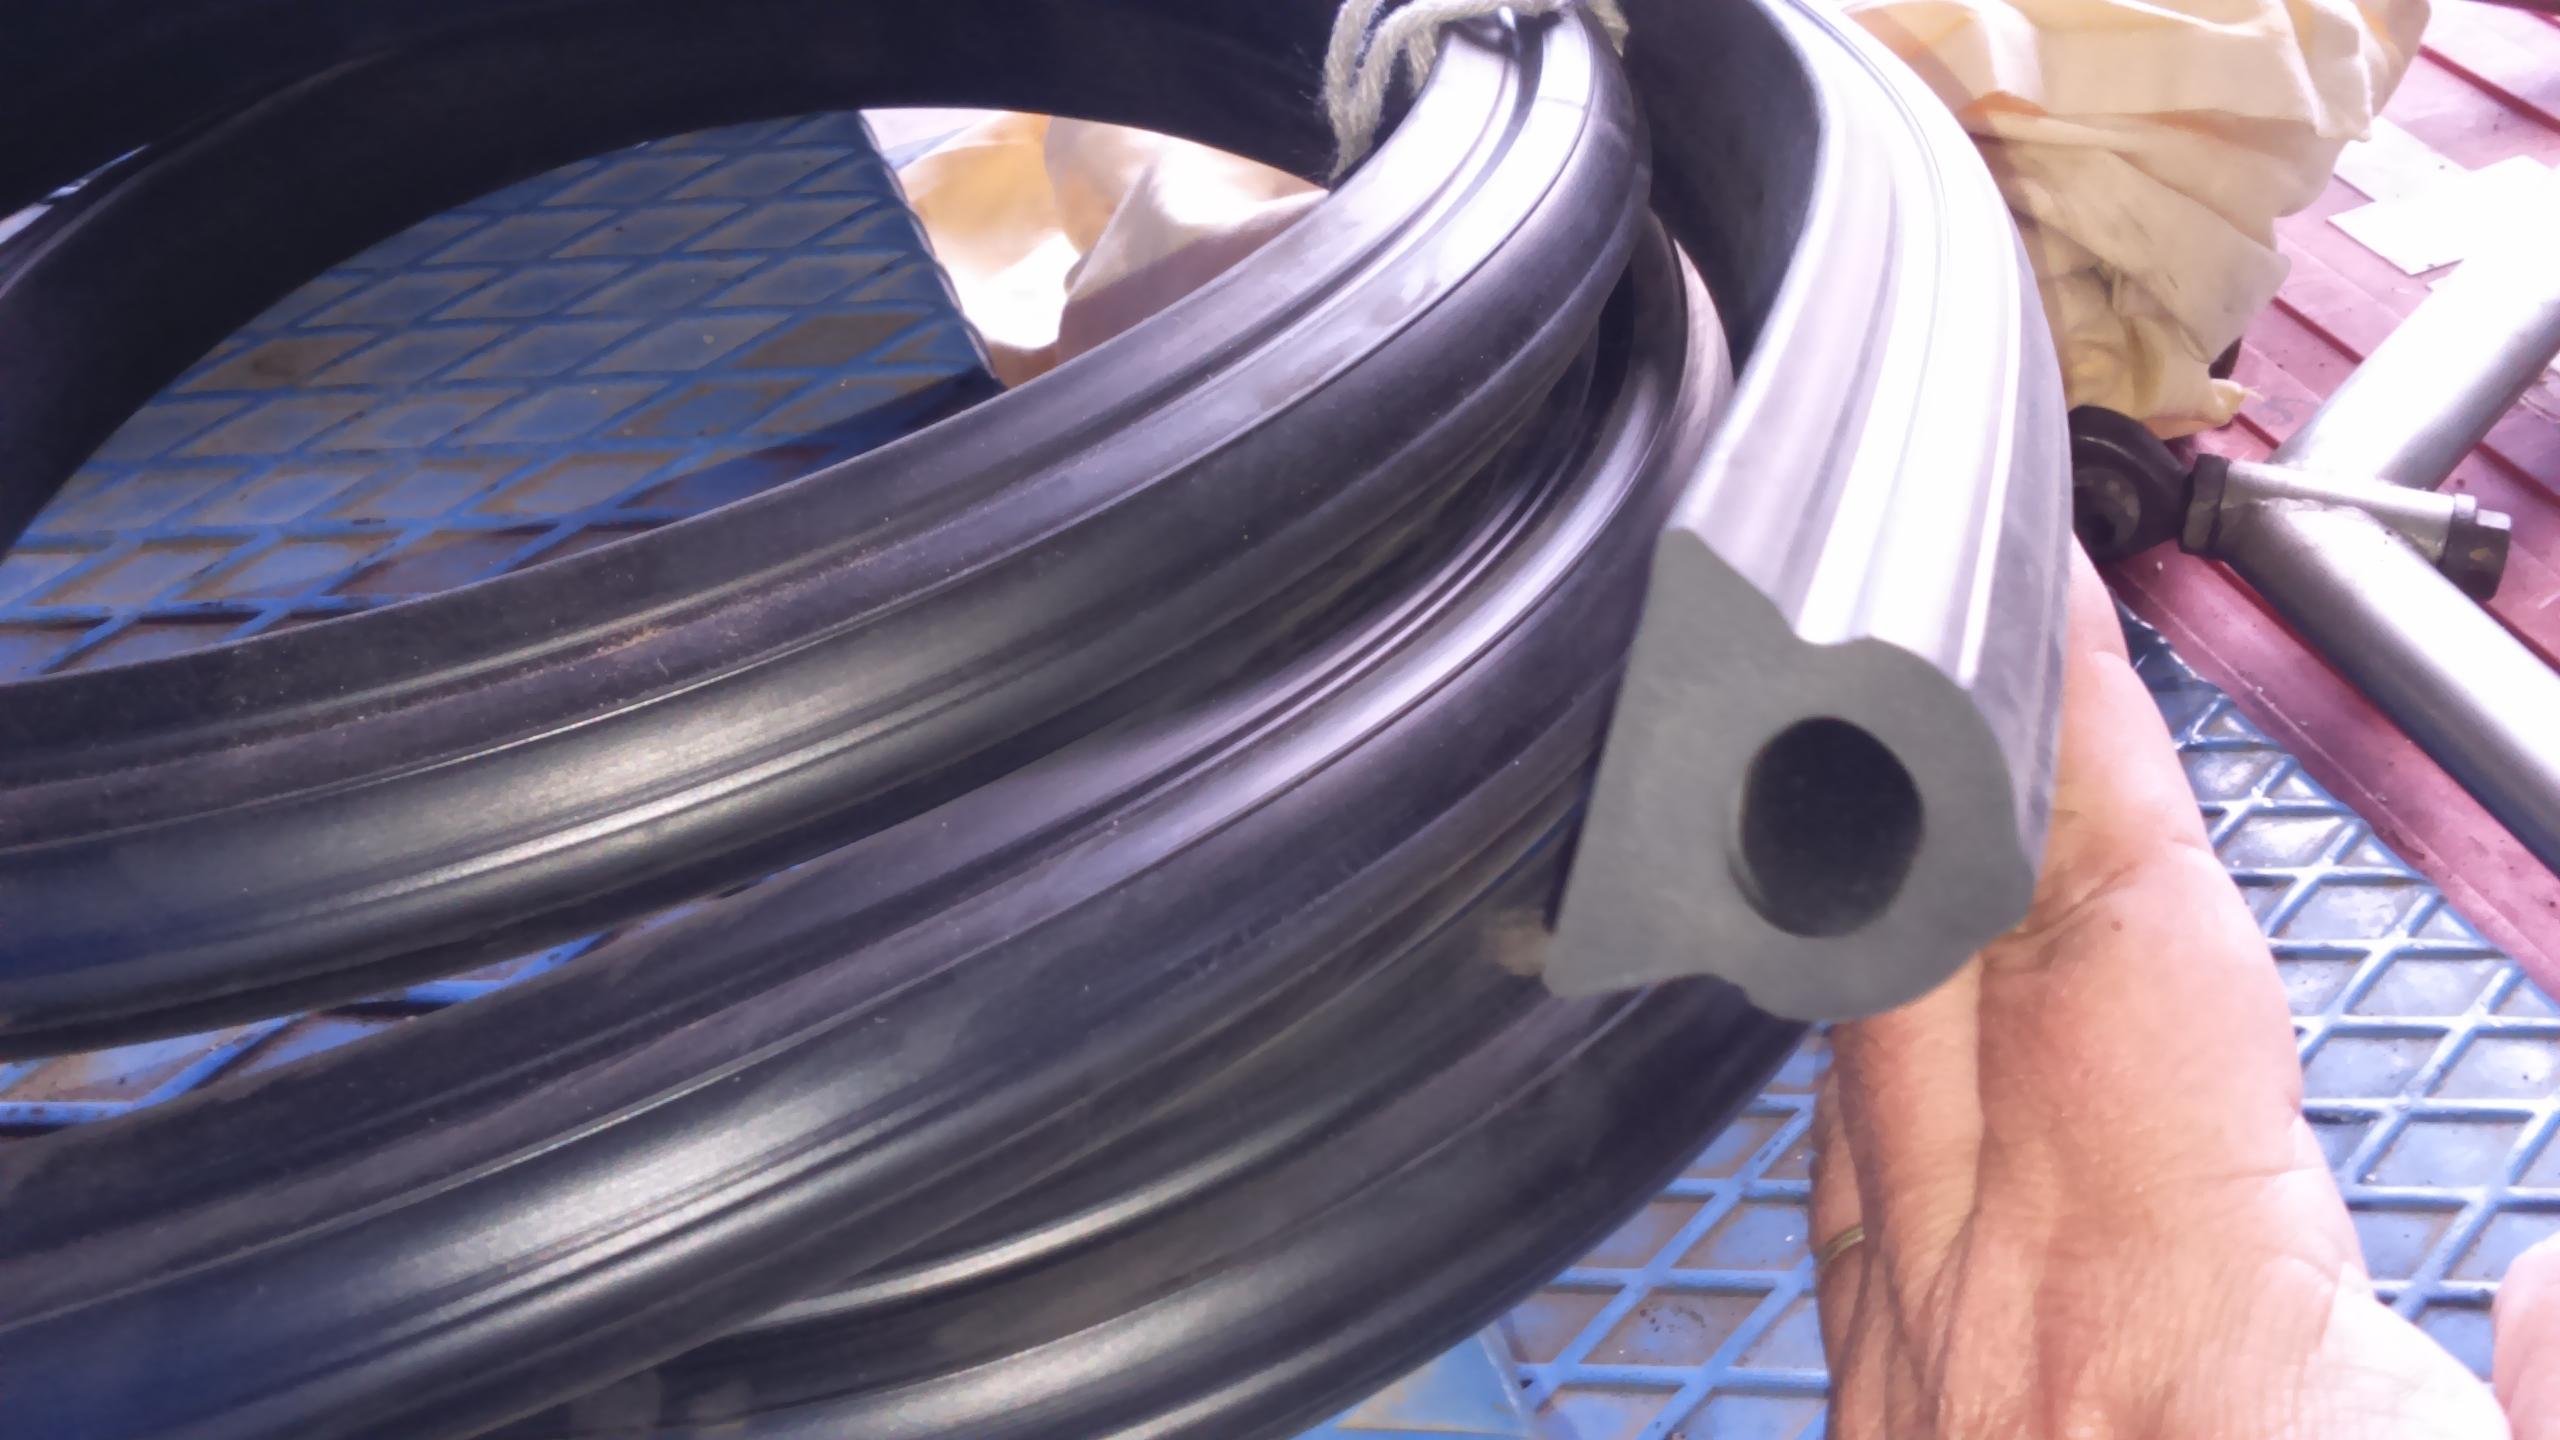 5f0c88a64b5 Perfil de goma para camión basura fabricado en caucho EPDM